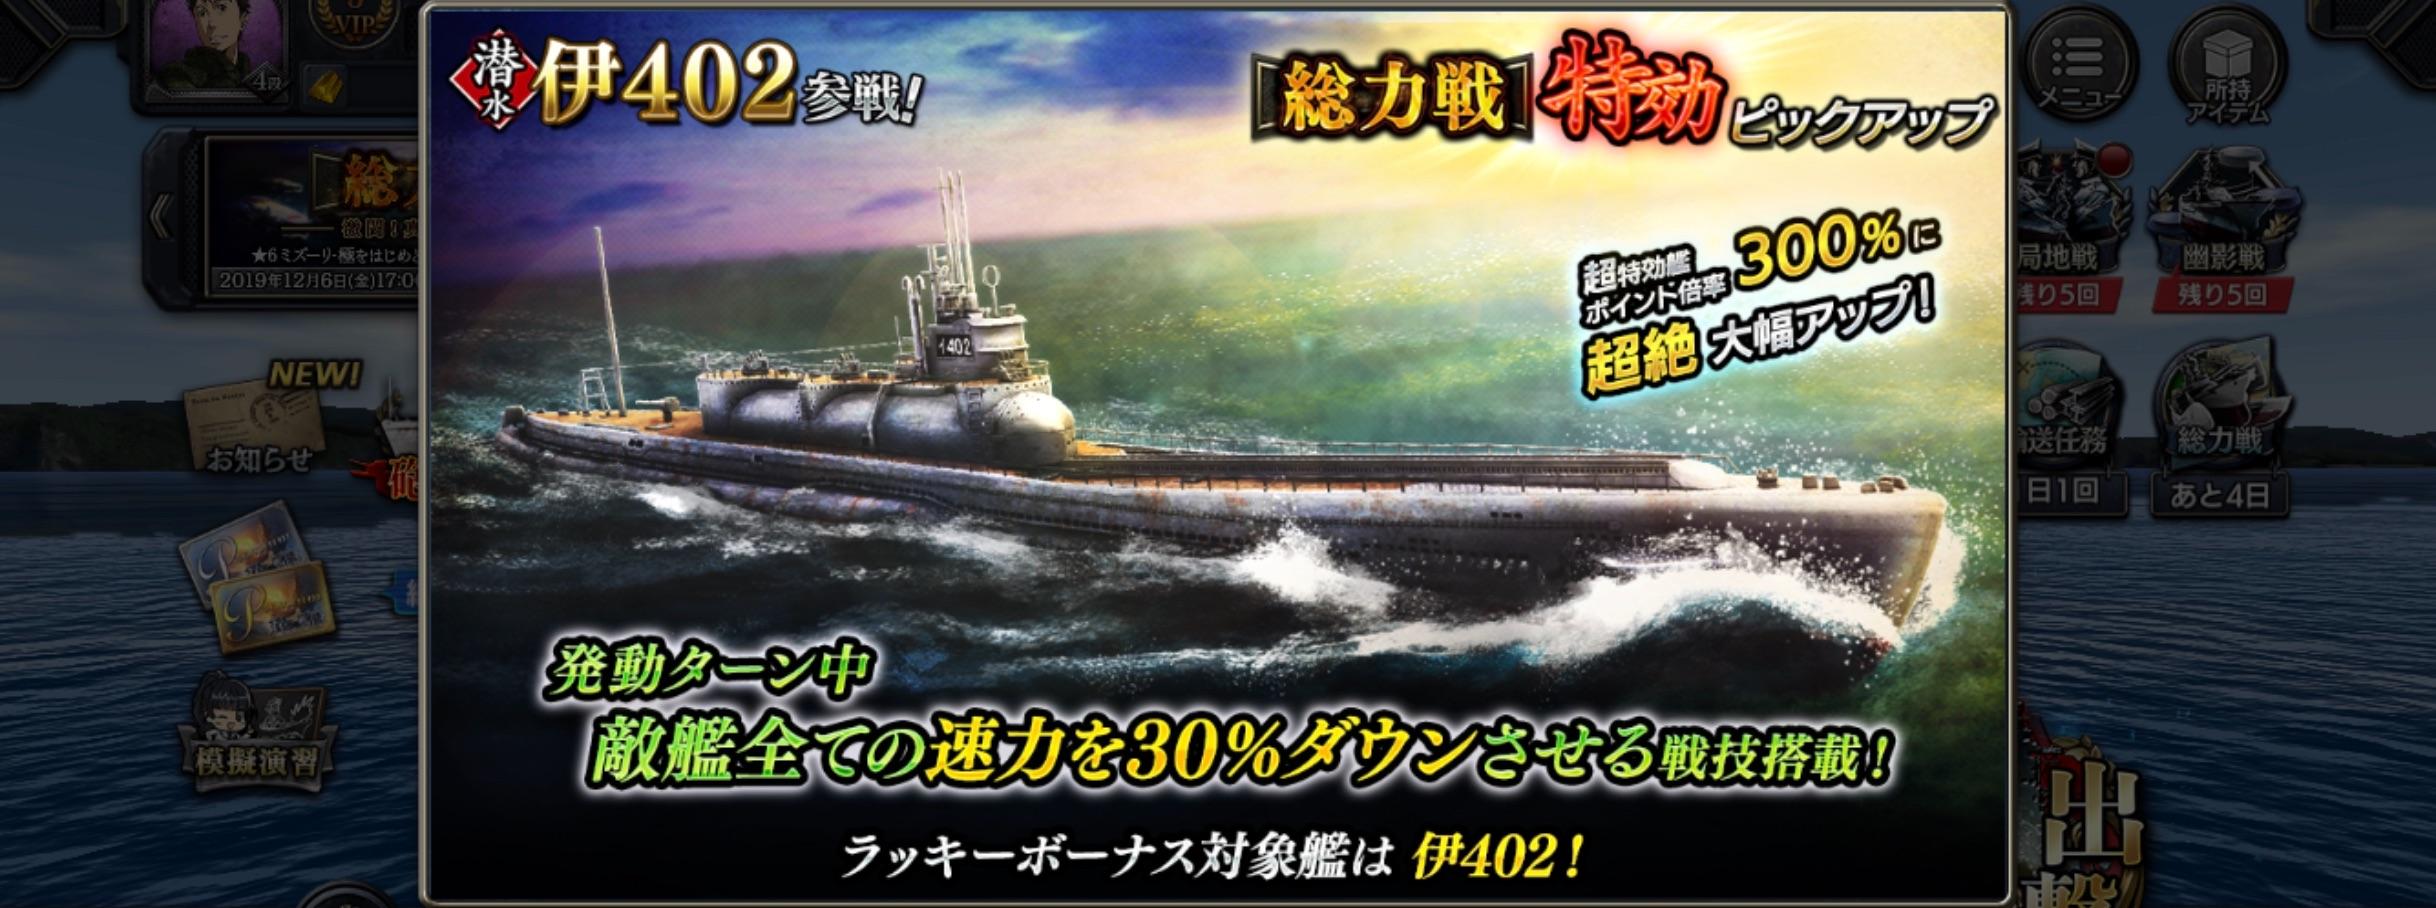 submarine-i402